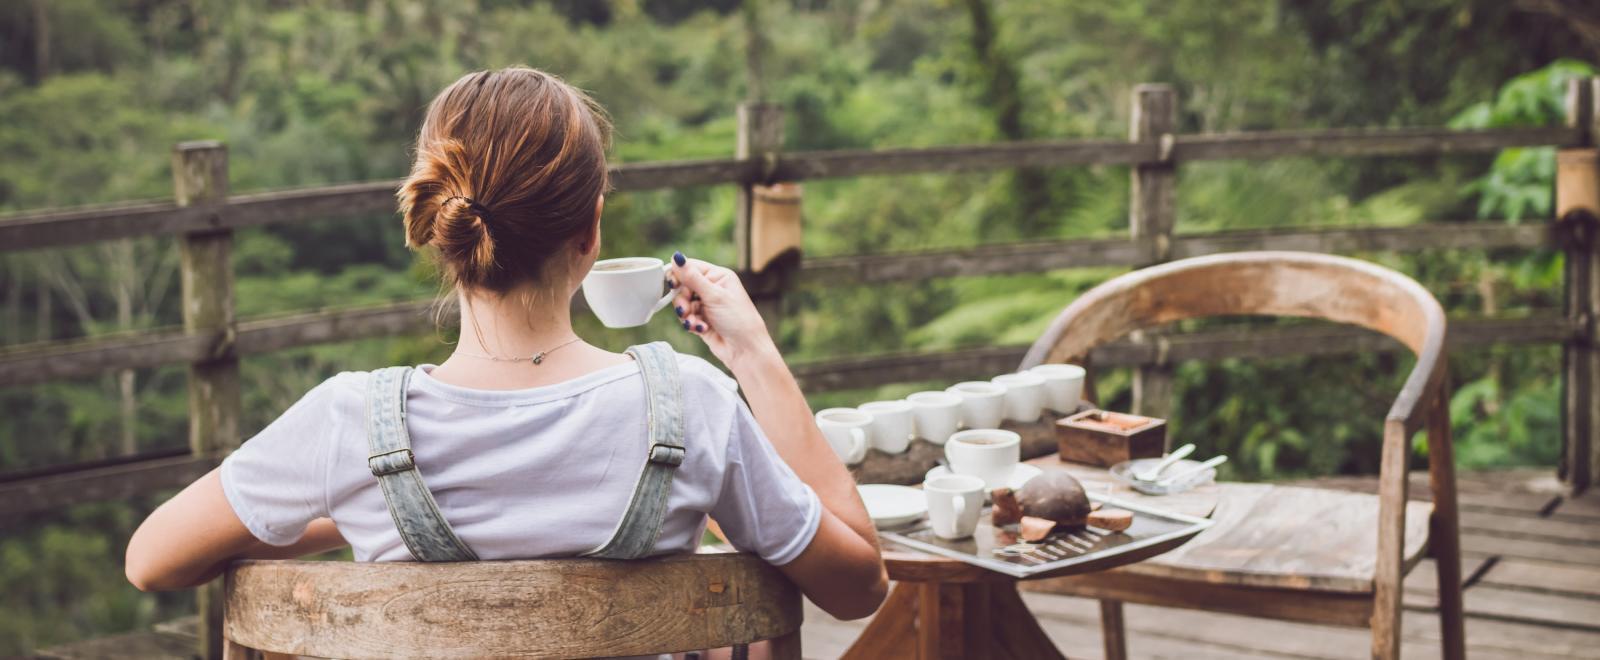 Une femme déguste un café éthique produit au Costa Rica.